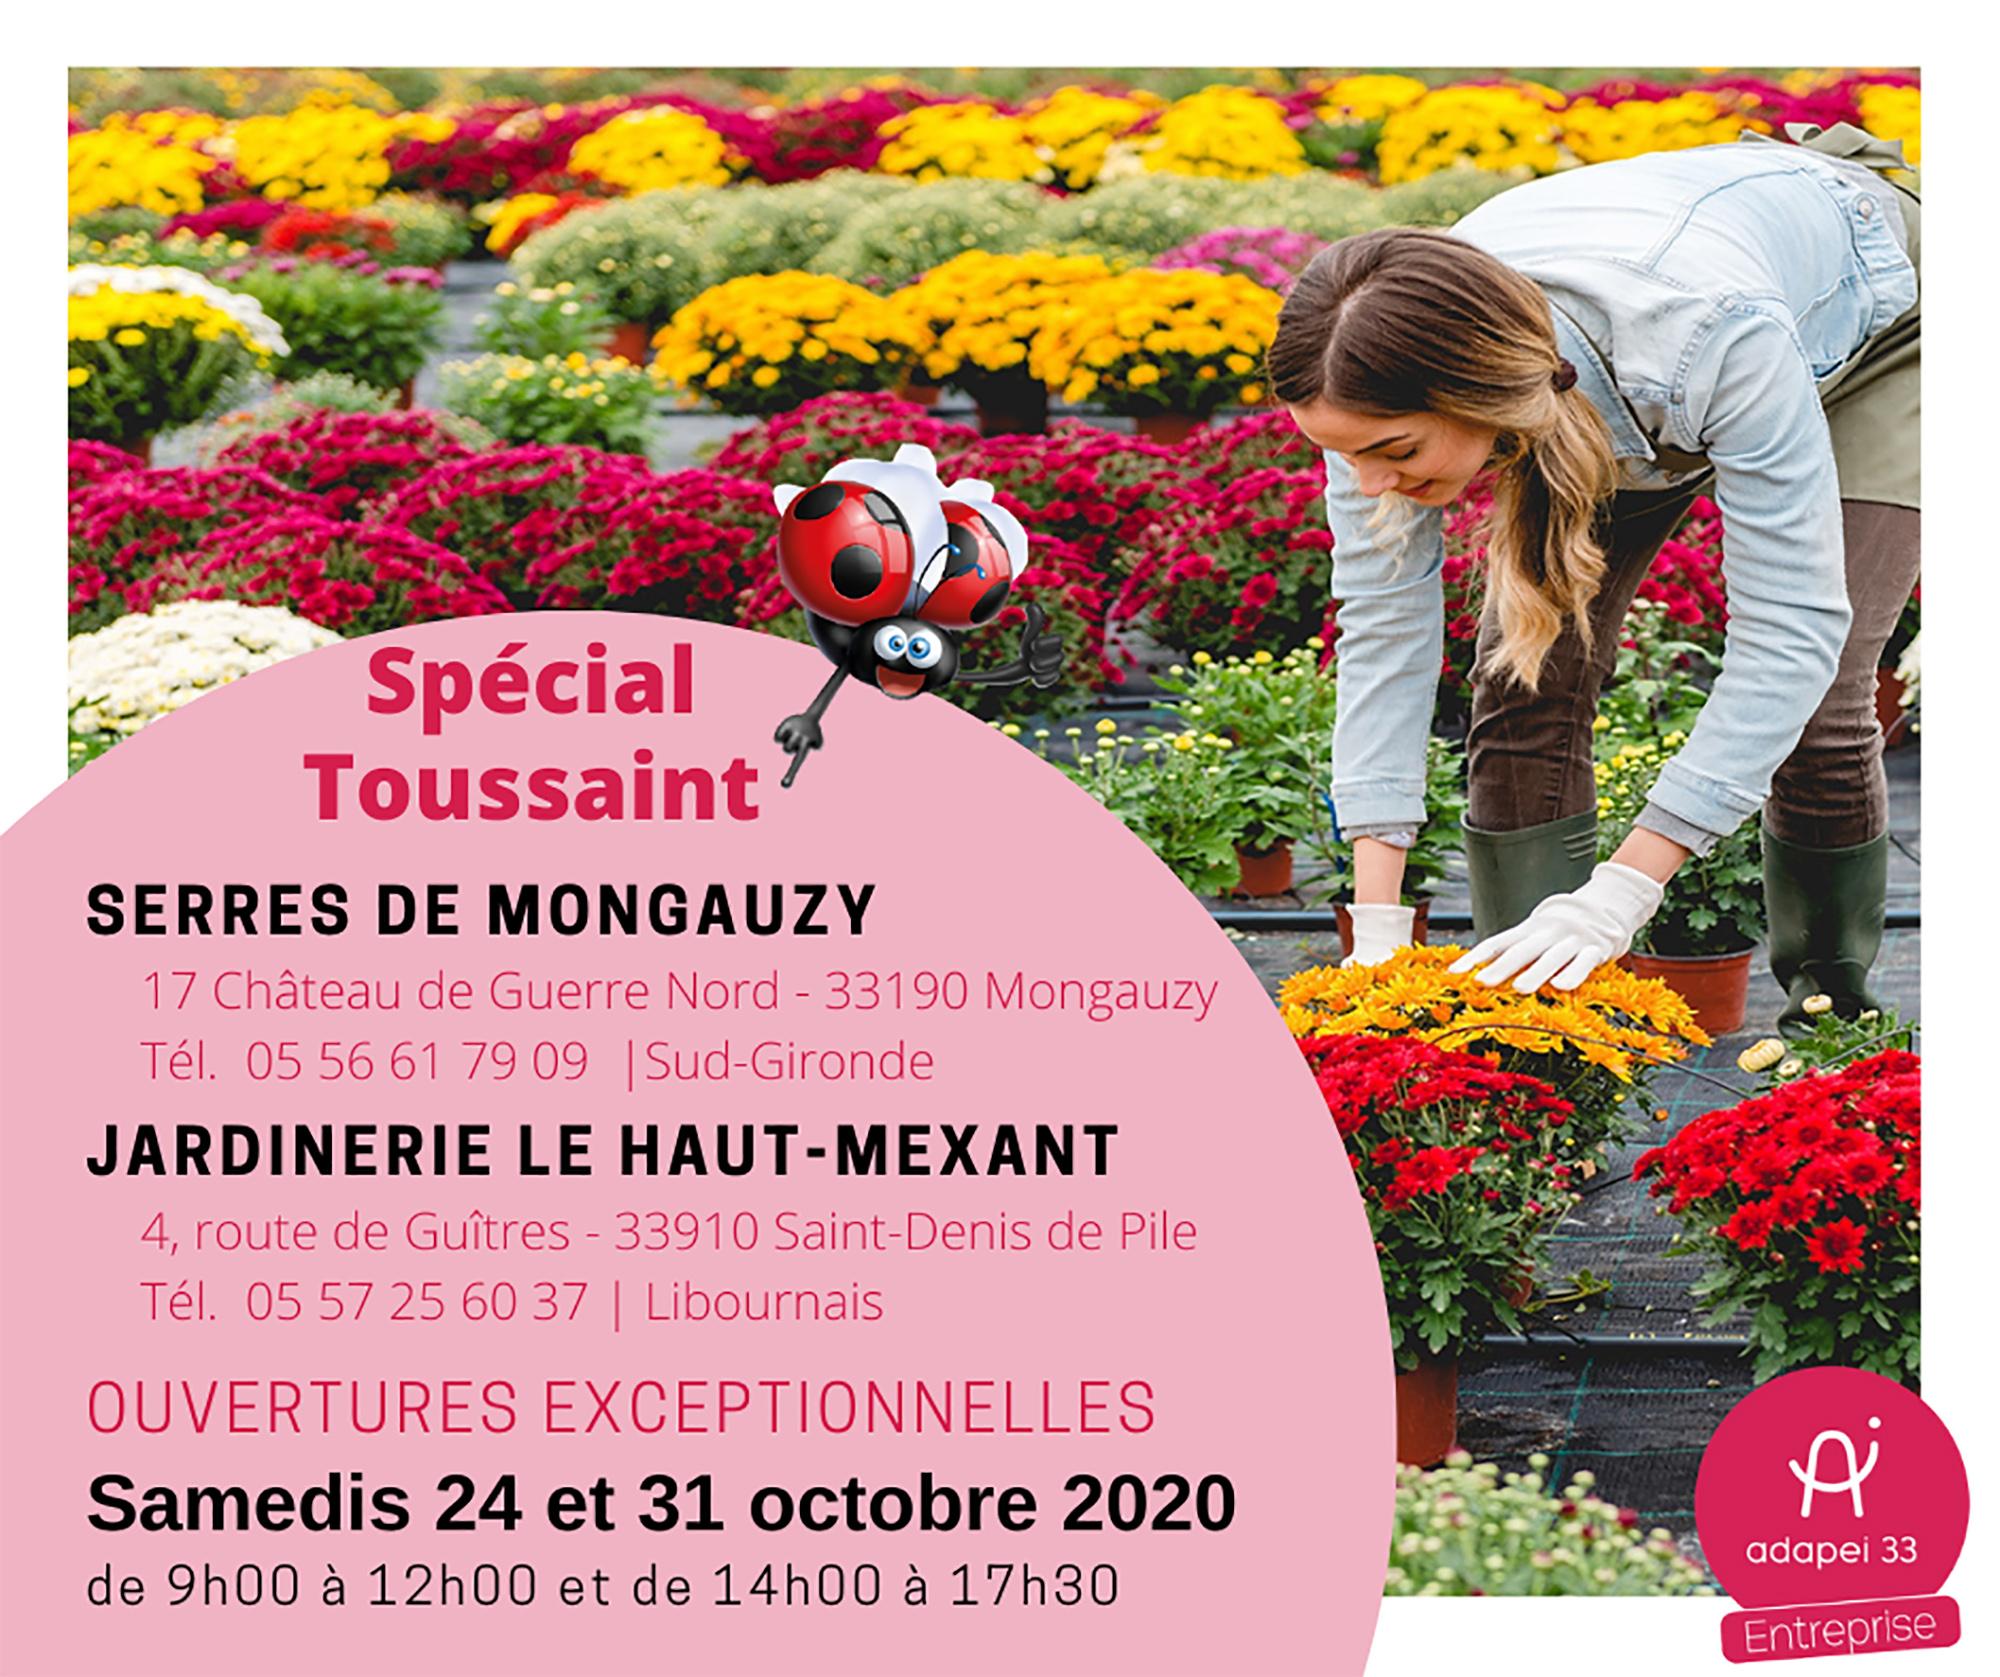 Ouvertures exceptionnelles de la jardinerie du Haut-Mexant et des serres de Mongauzy